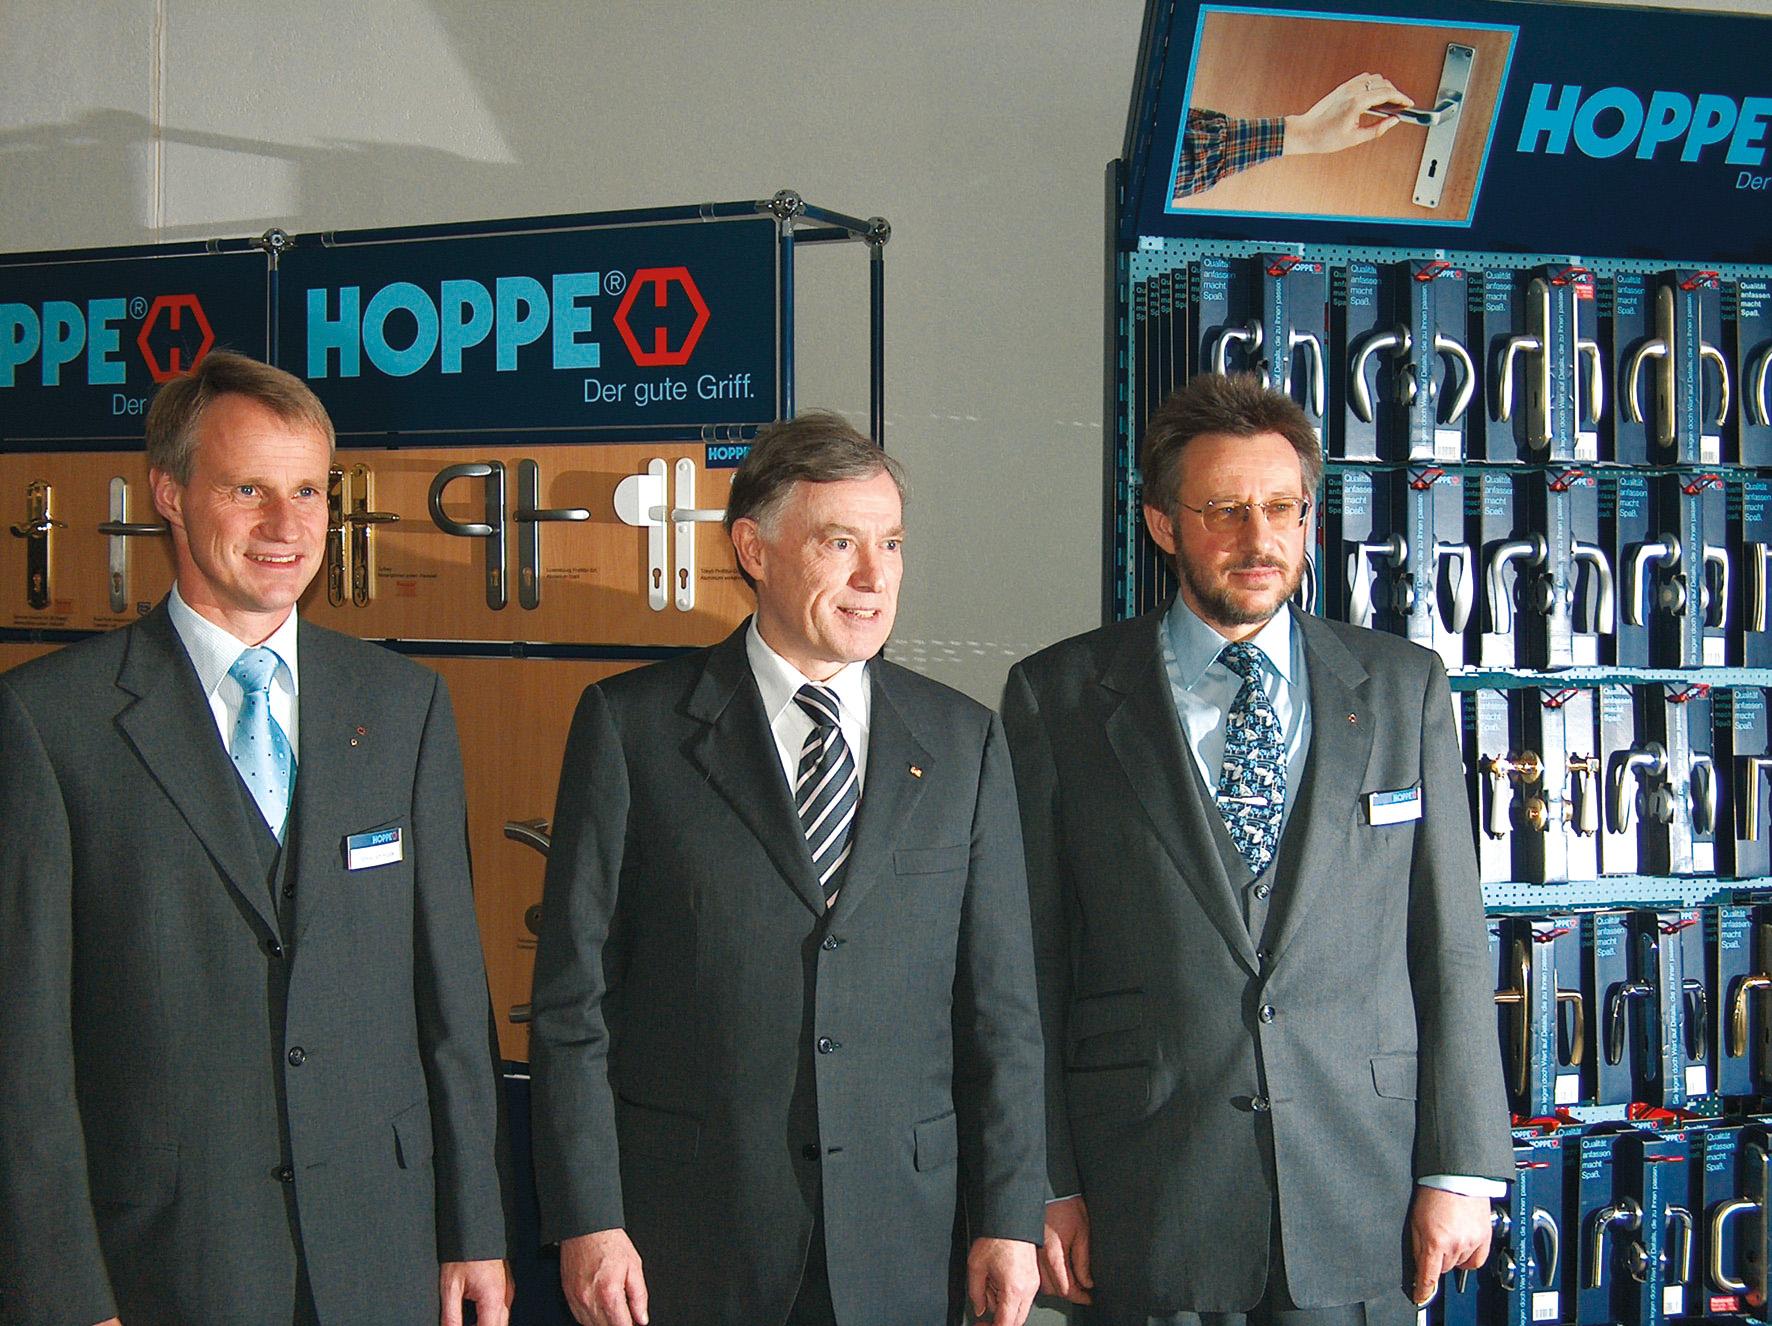 09/12/2005: Visita del presidente Köhler (en el centro) a la fábrica de HOPPE de Crottendorf